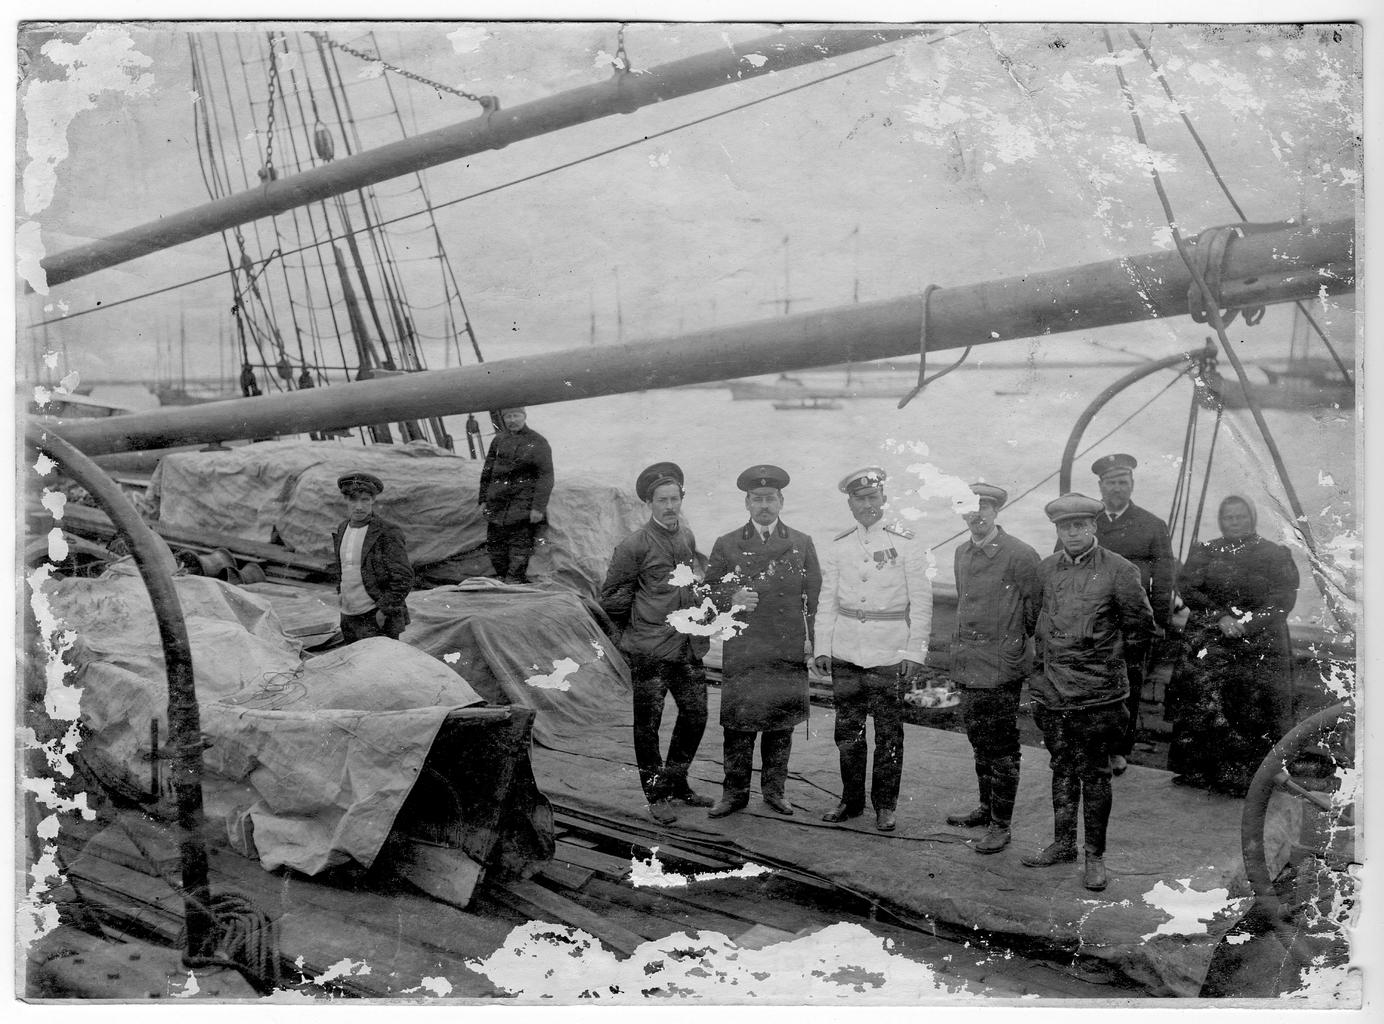 Участники экспедиции к Северному полюсу на палубе судна «Святой мученик Фока» перед выходом в море